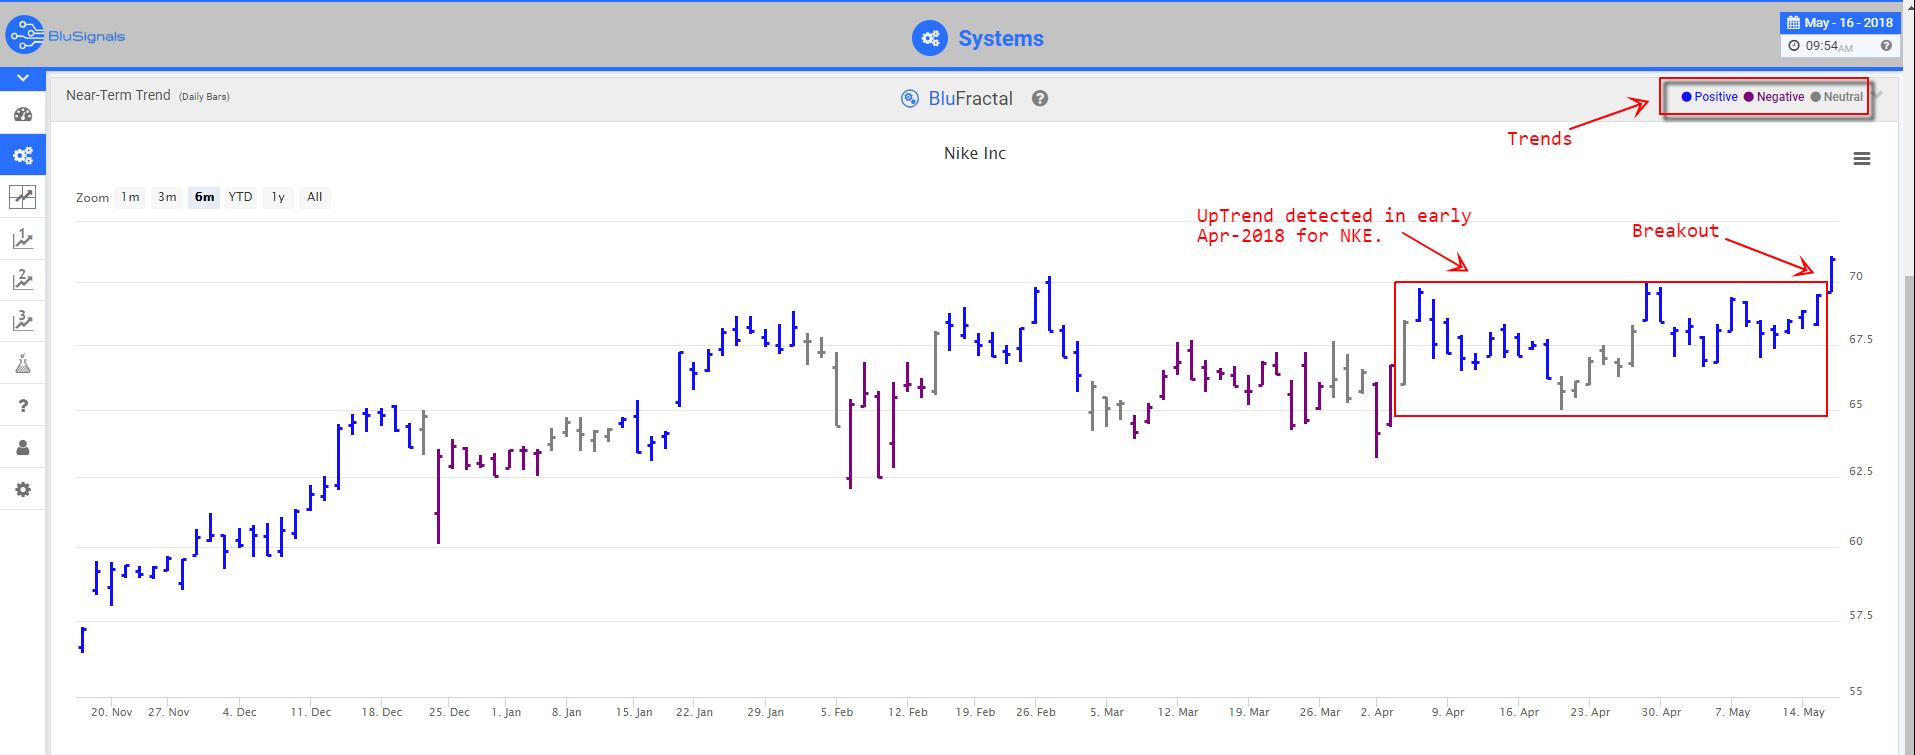 NKE leading indicators